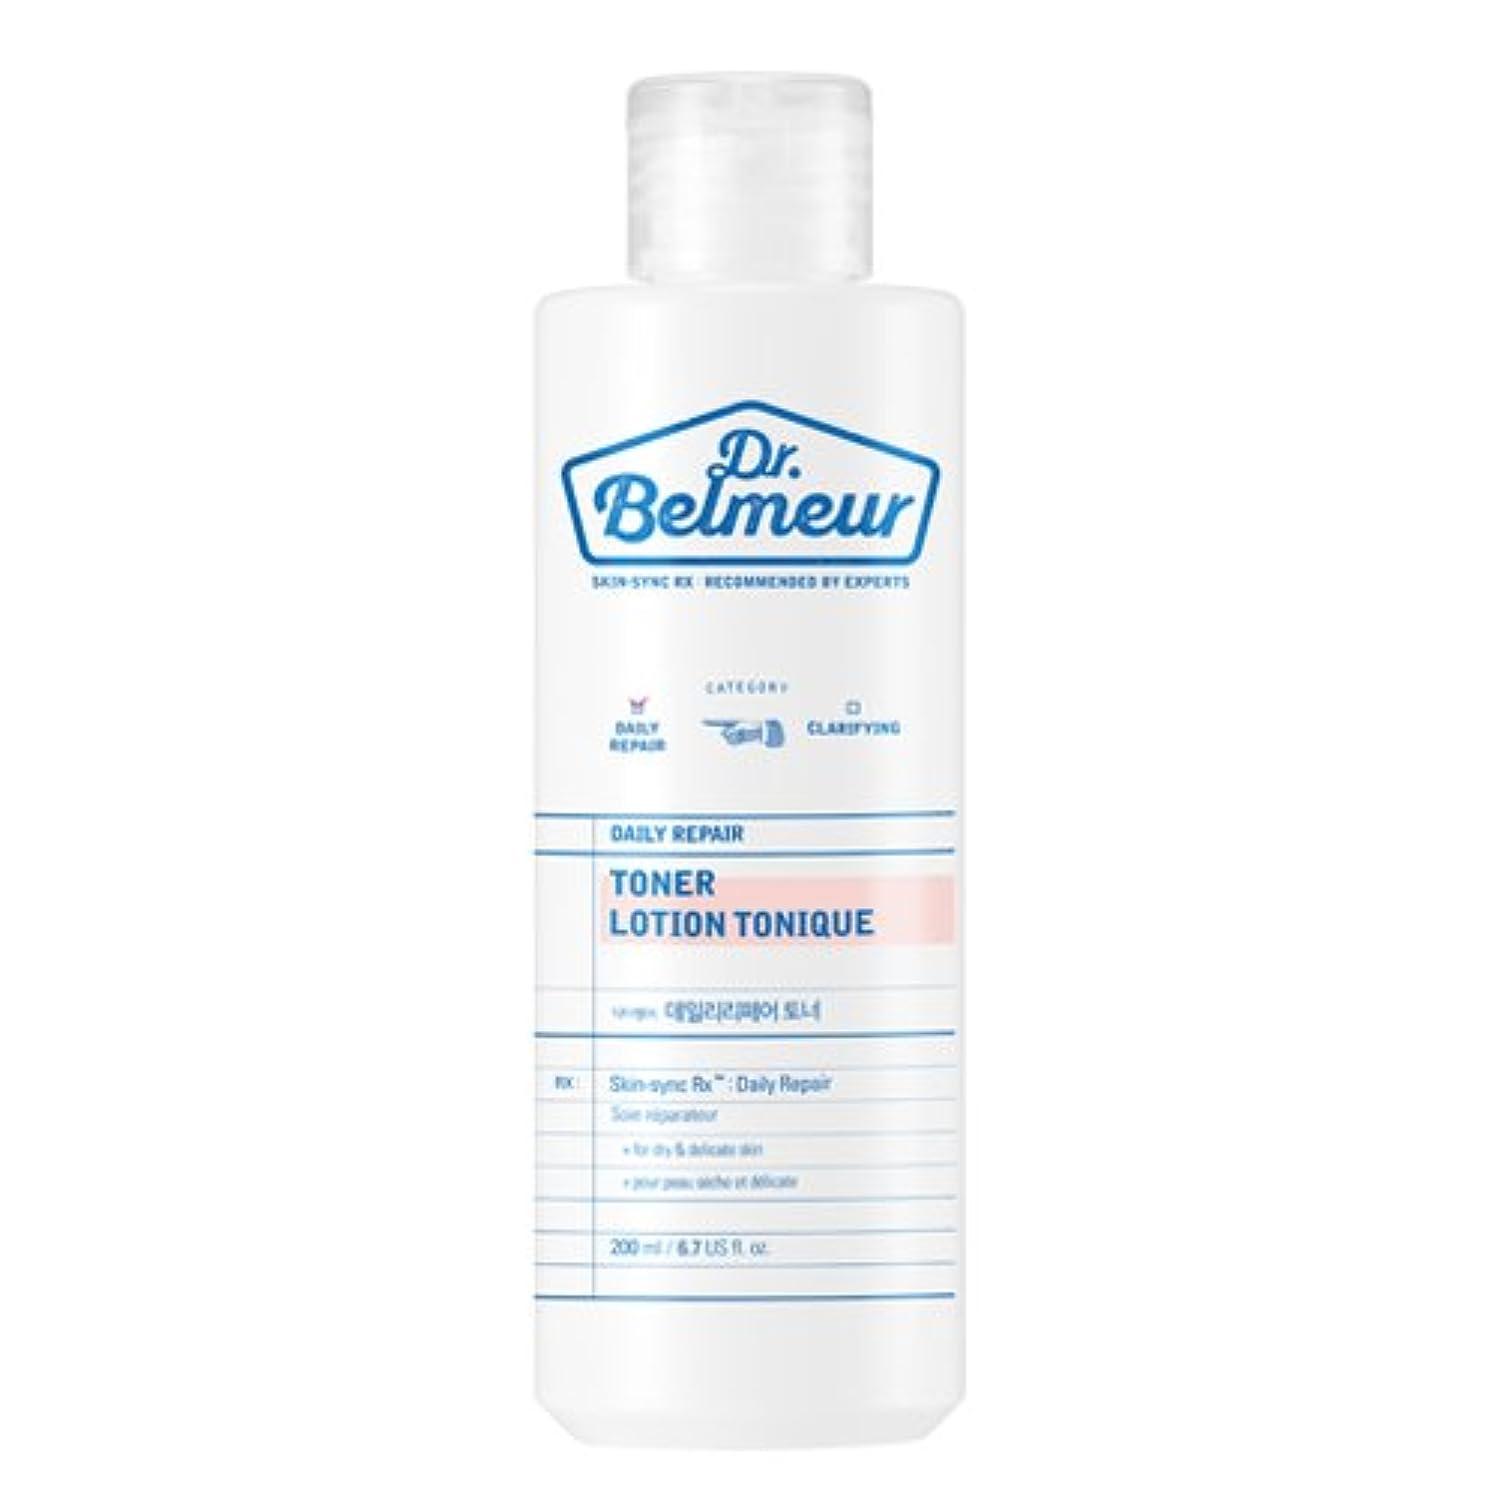 降雨ビデオプランターTHE FACE SHOP Dr.Belmeur Daily Repair Toner 200ml/ザフェイスショップ ドクターベルムール デイリー リペア トナー 200ml